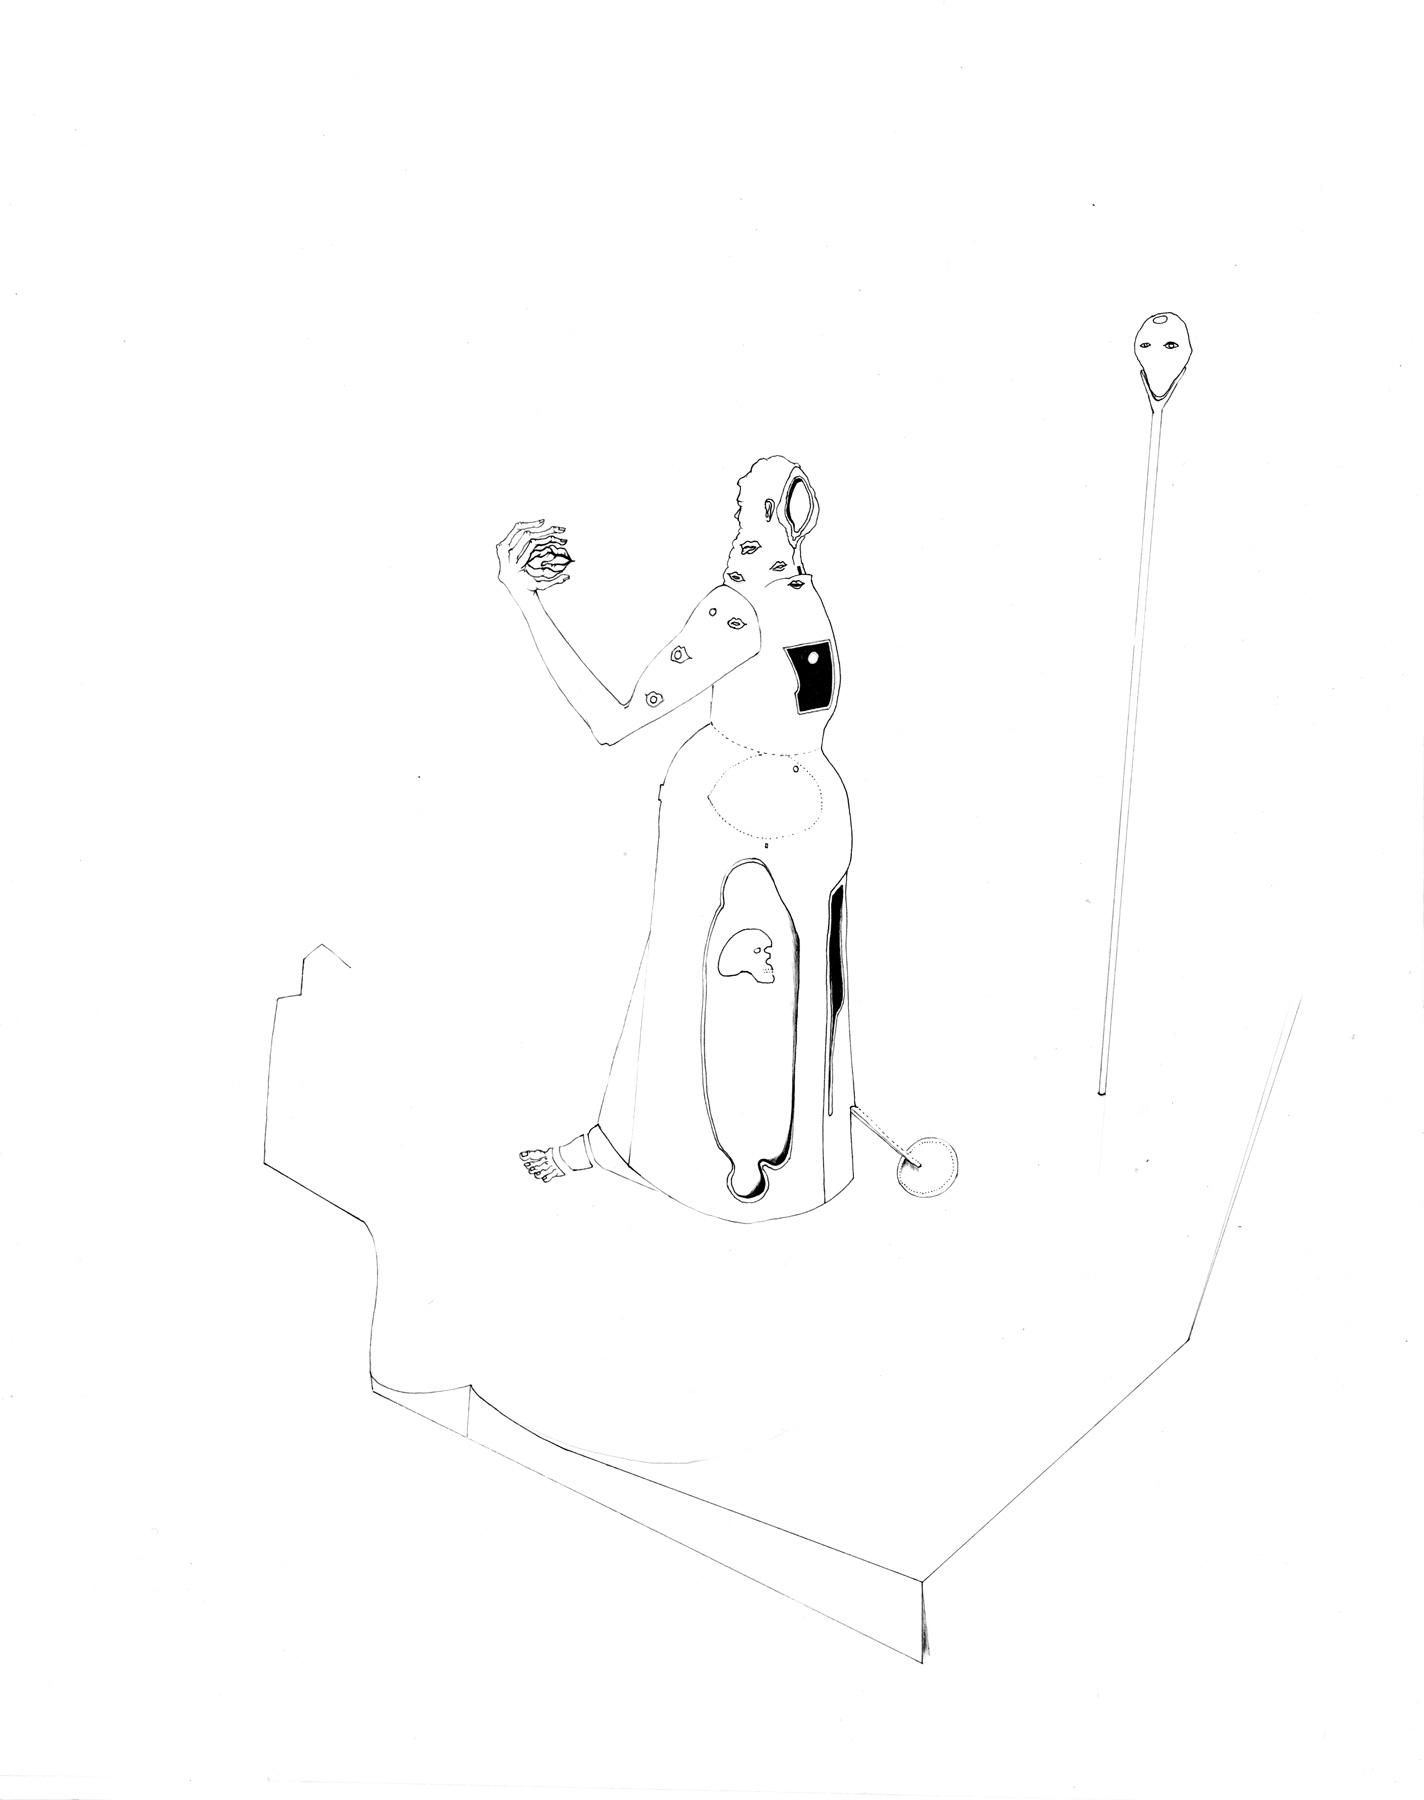 Nina Annabelle Märkl | Desideranten, Desiderate 3 | Tusche und Bleistift auf Papier | 35,5 x 28 cm | 2018